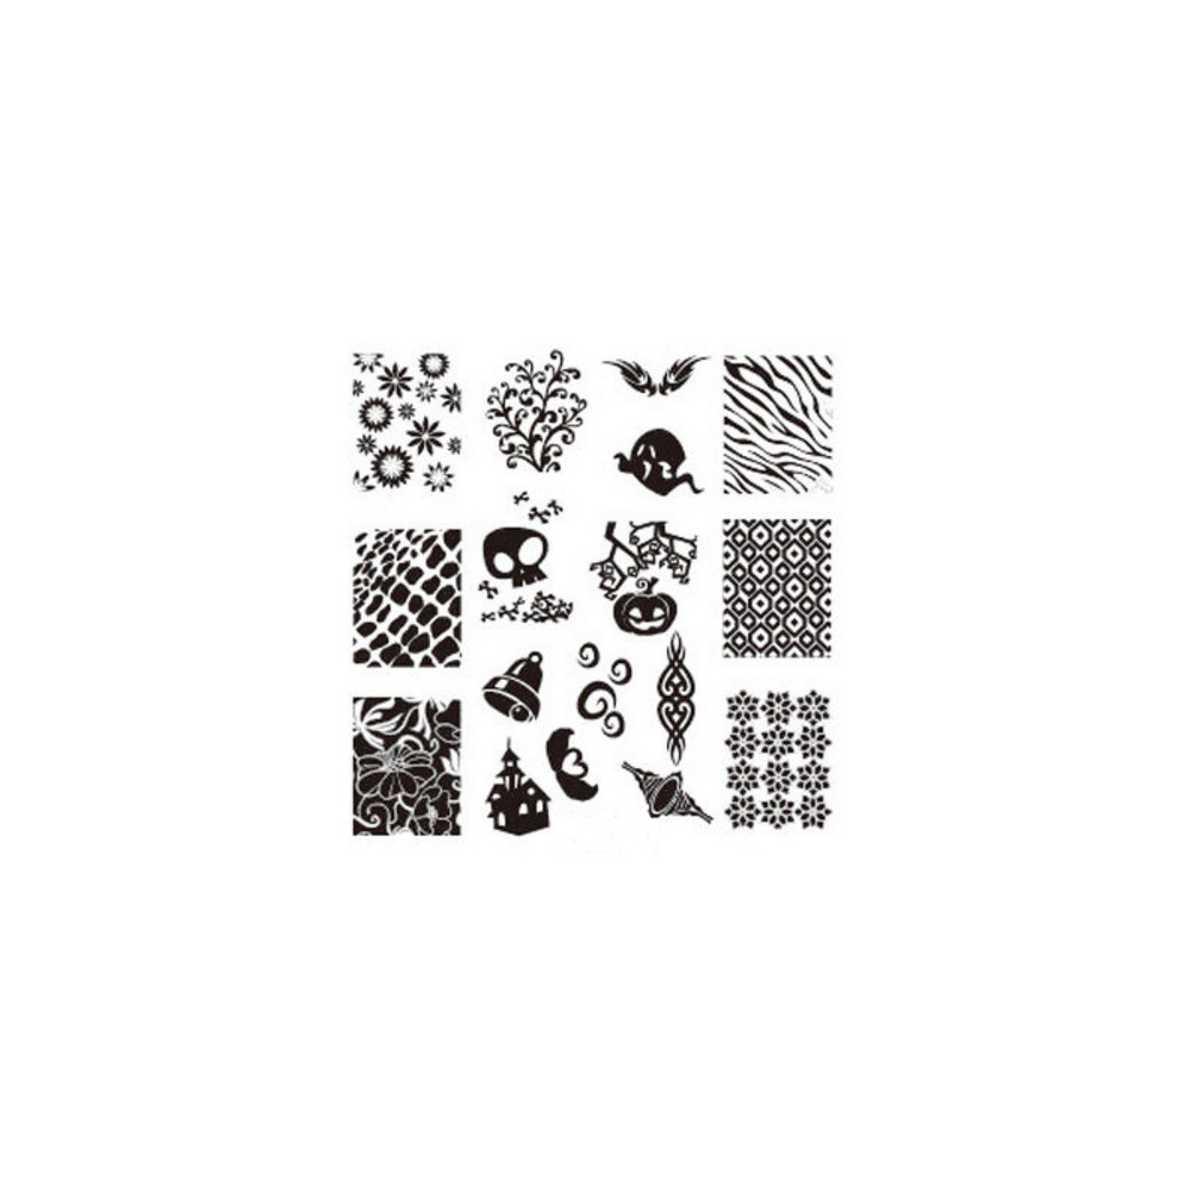 https://www.kit-manucure.com/1013-thickbox_default/plaque-de-stamping-halloween-manoir-citrouille-et-motifs-géométriques.jpg